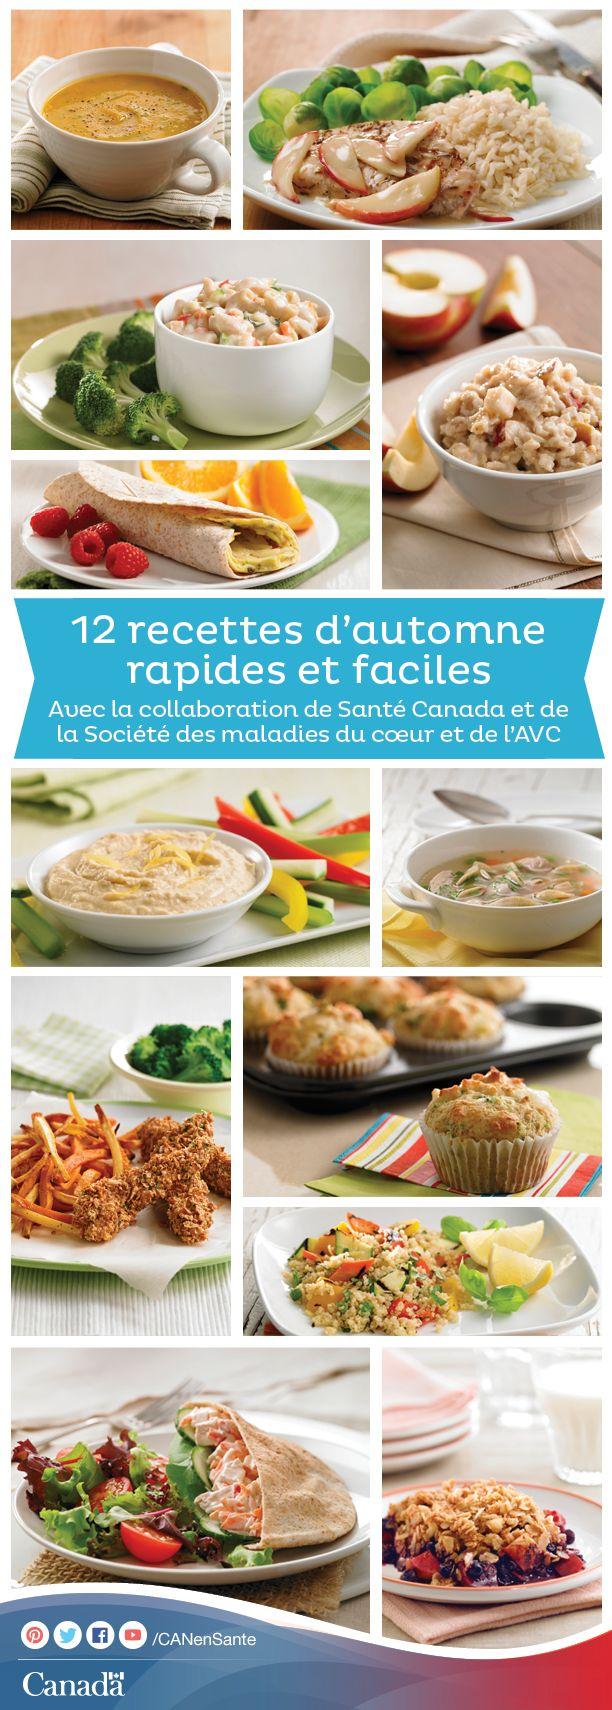 Obtenez des savoureuses recettes d'automne ici http://www.canadiensensante.gc.ca/eating-nutrition/healthy-eating-saine-alimentation/recipes-recettes/index-fra.php?utm_source=pinterest_hcdns&utm_medium=social_en&utm_content=oct29_bro18&utm_campaign=social_media_14